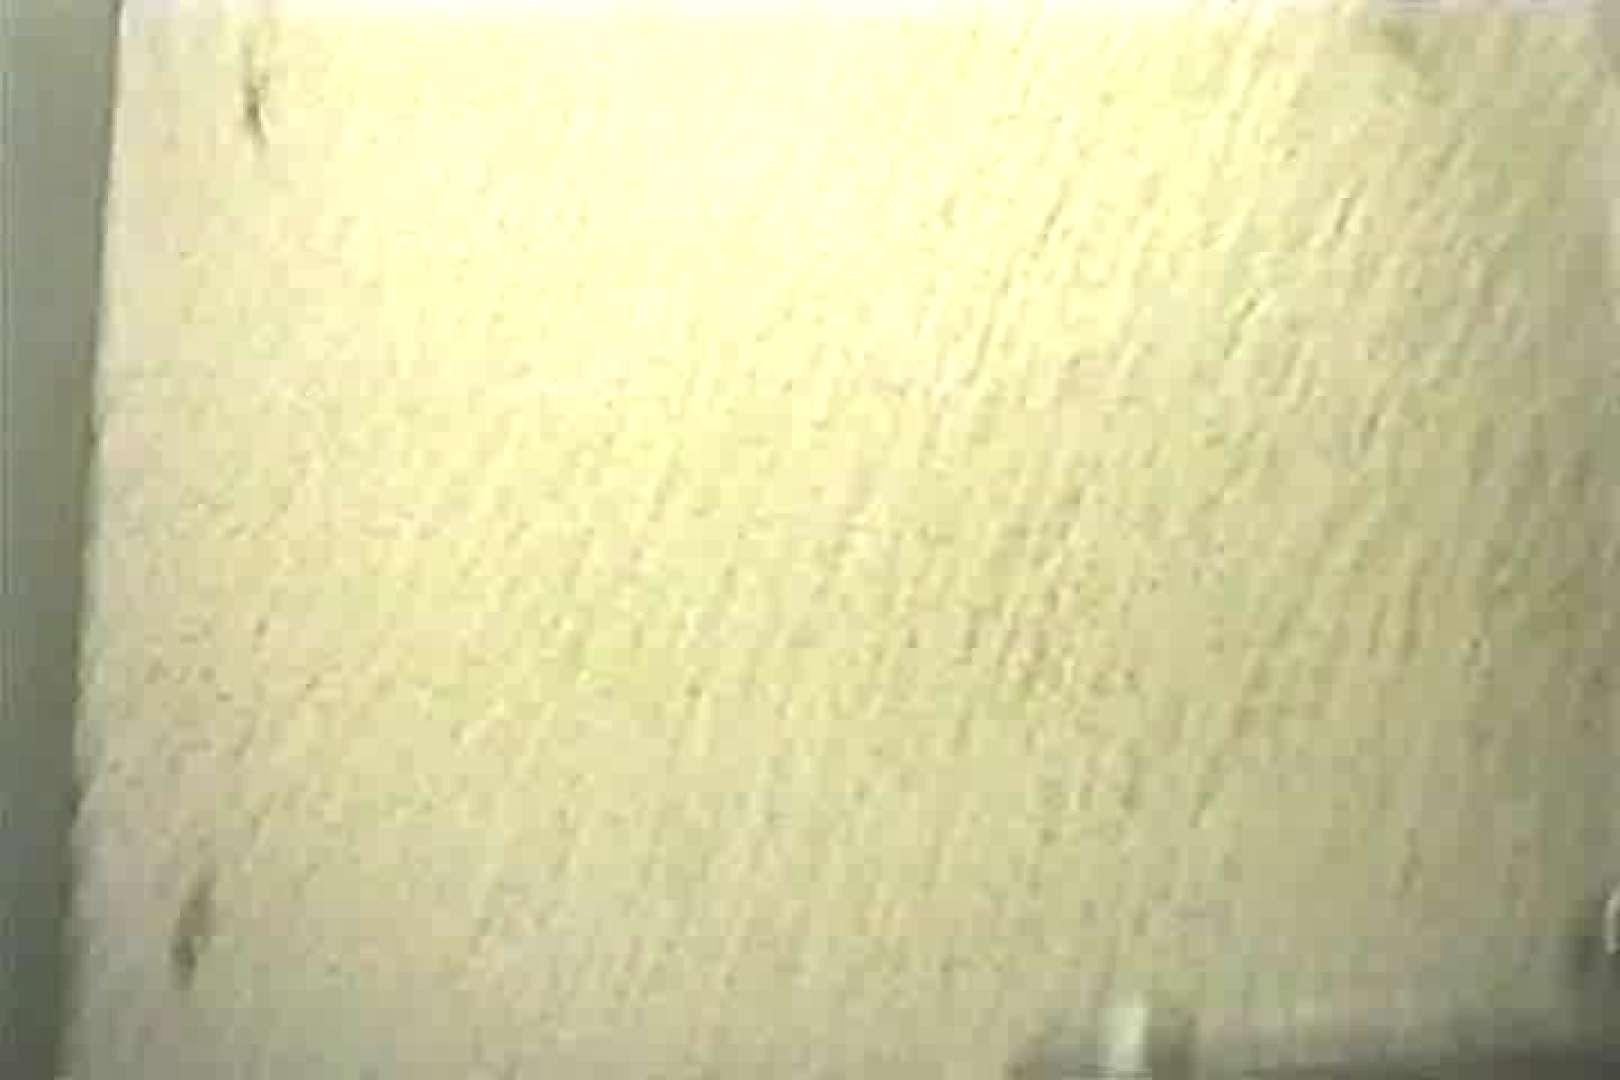 投稿盗撮 女子洗面所上から下から後ろから  TK-108 洗面所突入 ヌード画像 95pic 53